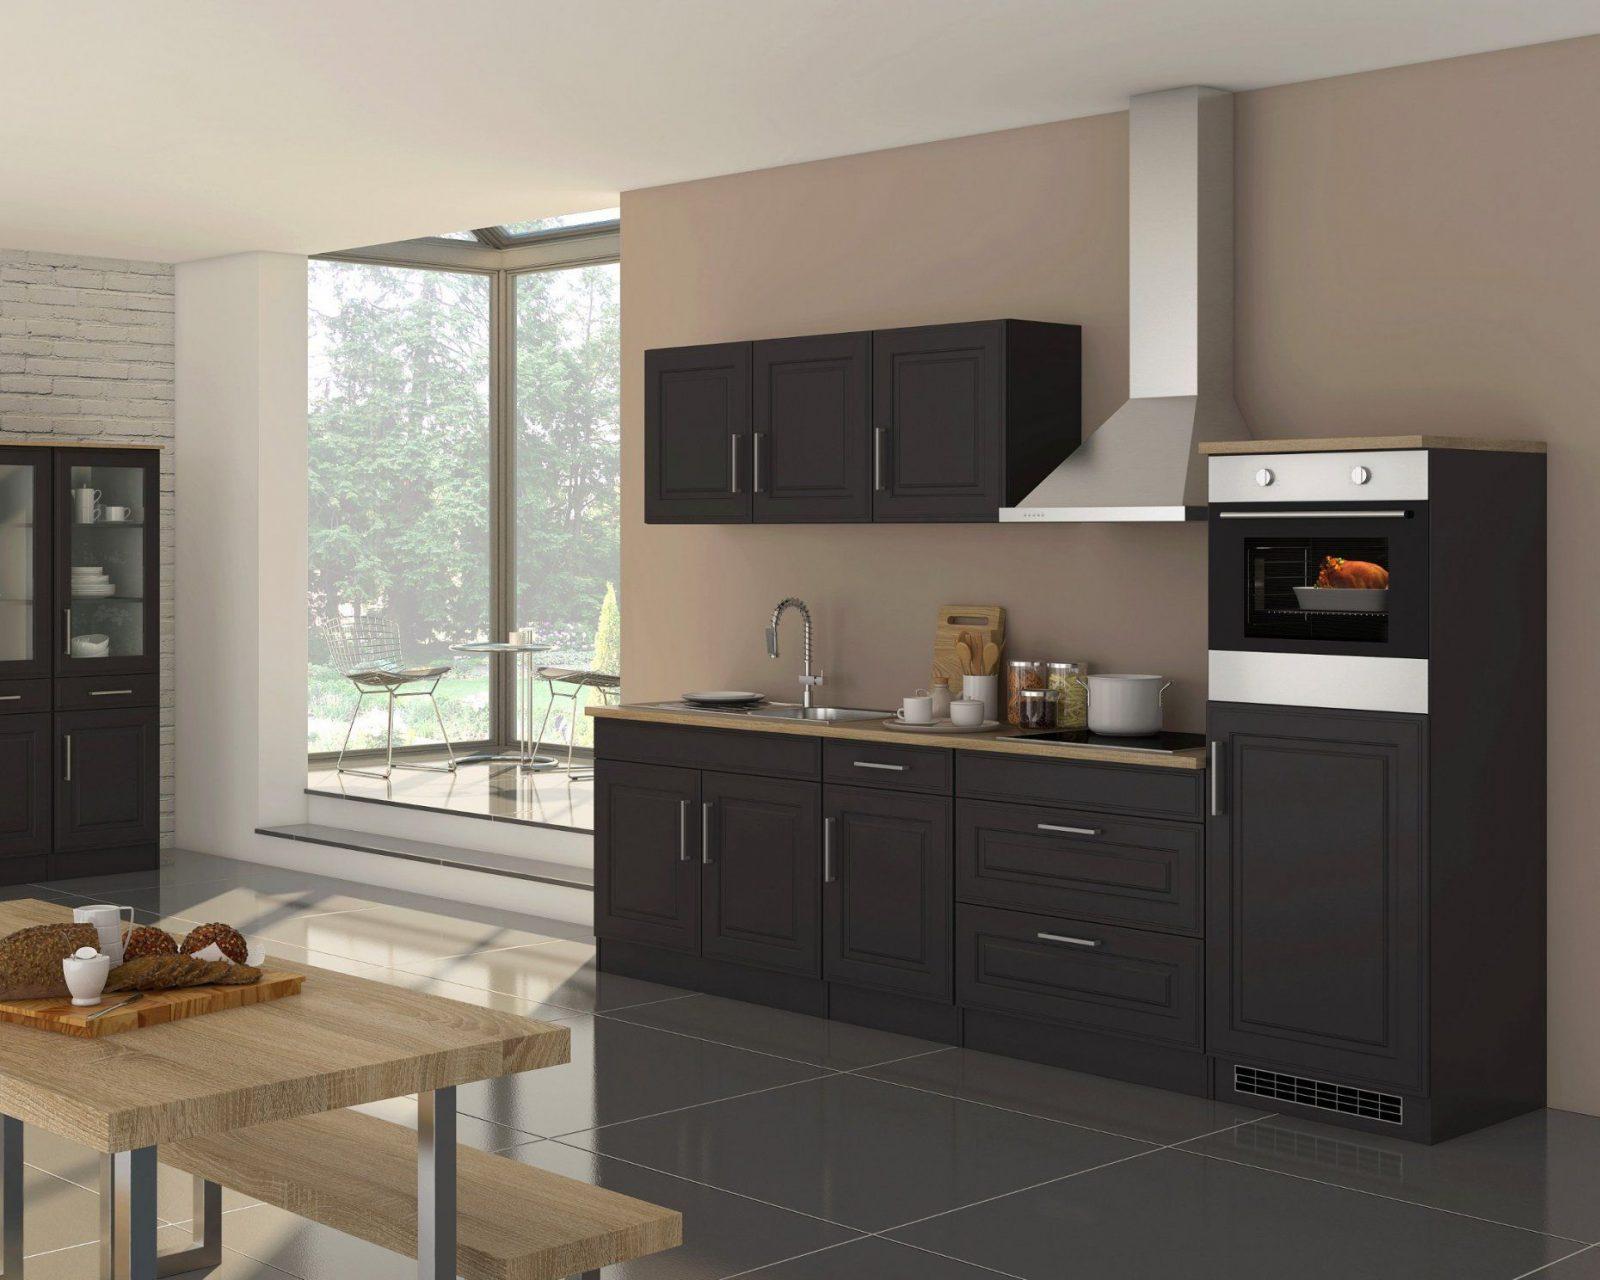 Küchenzeile Köln  Küche Mit Egeräten  Breite 290 Cm  Grau von Küchenzeile 230 Cm Breit Photo